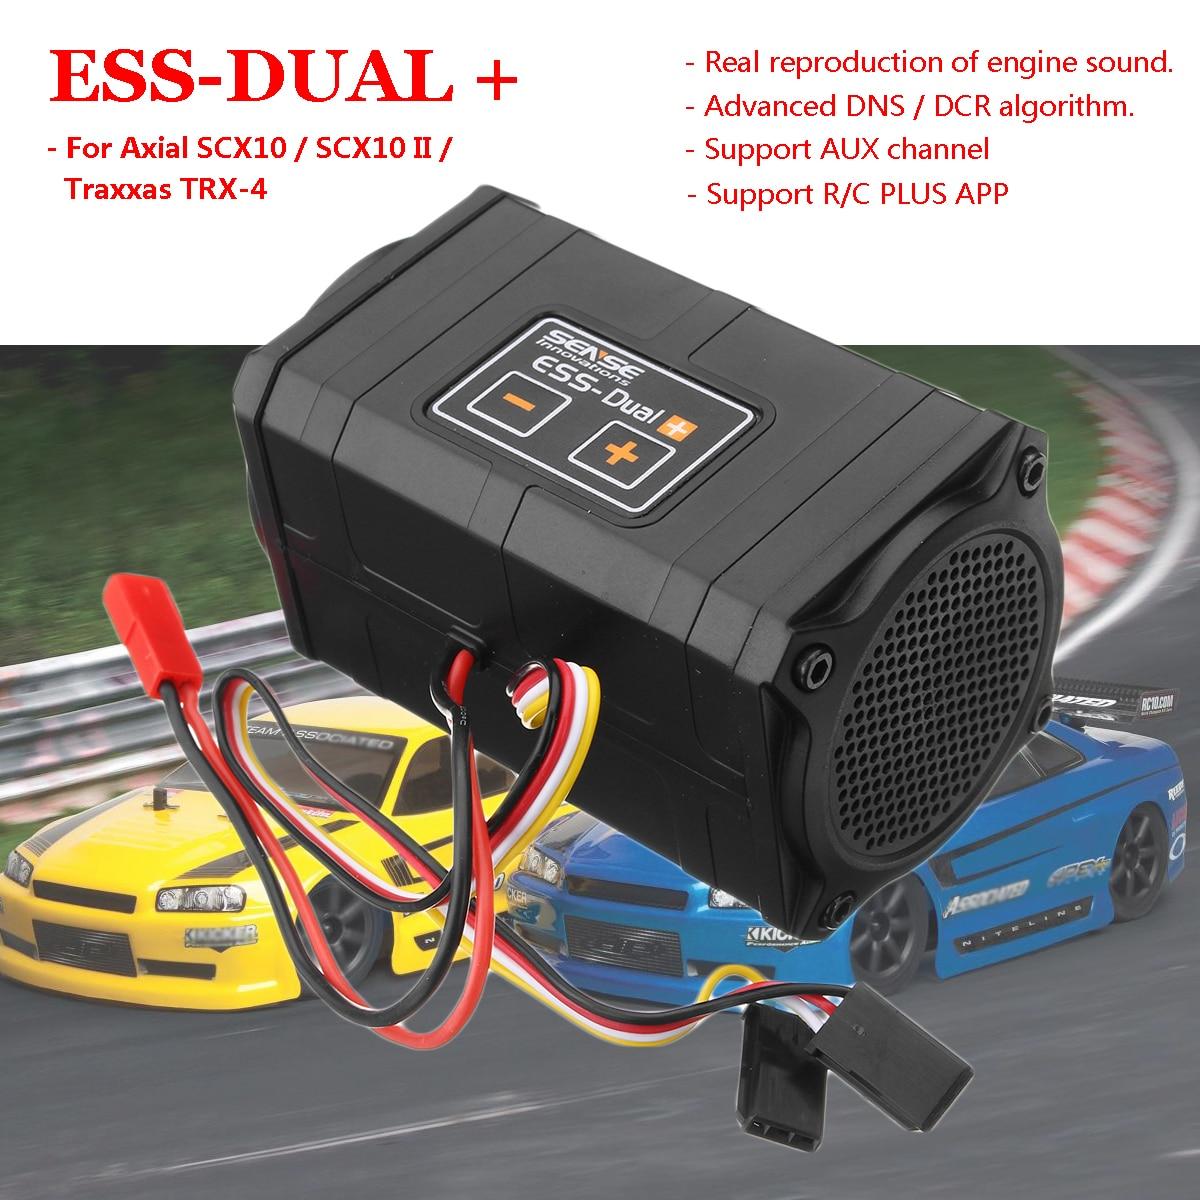 kimiss 6000/CD 3.5/mm zu 12pin Adapter AUX-Kabel f/ür das Auto mit Werkzeuge-CD